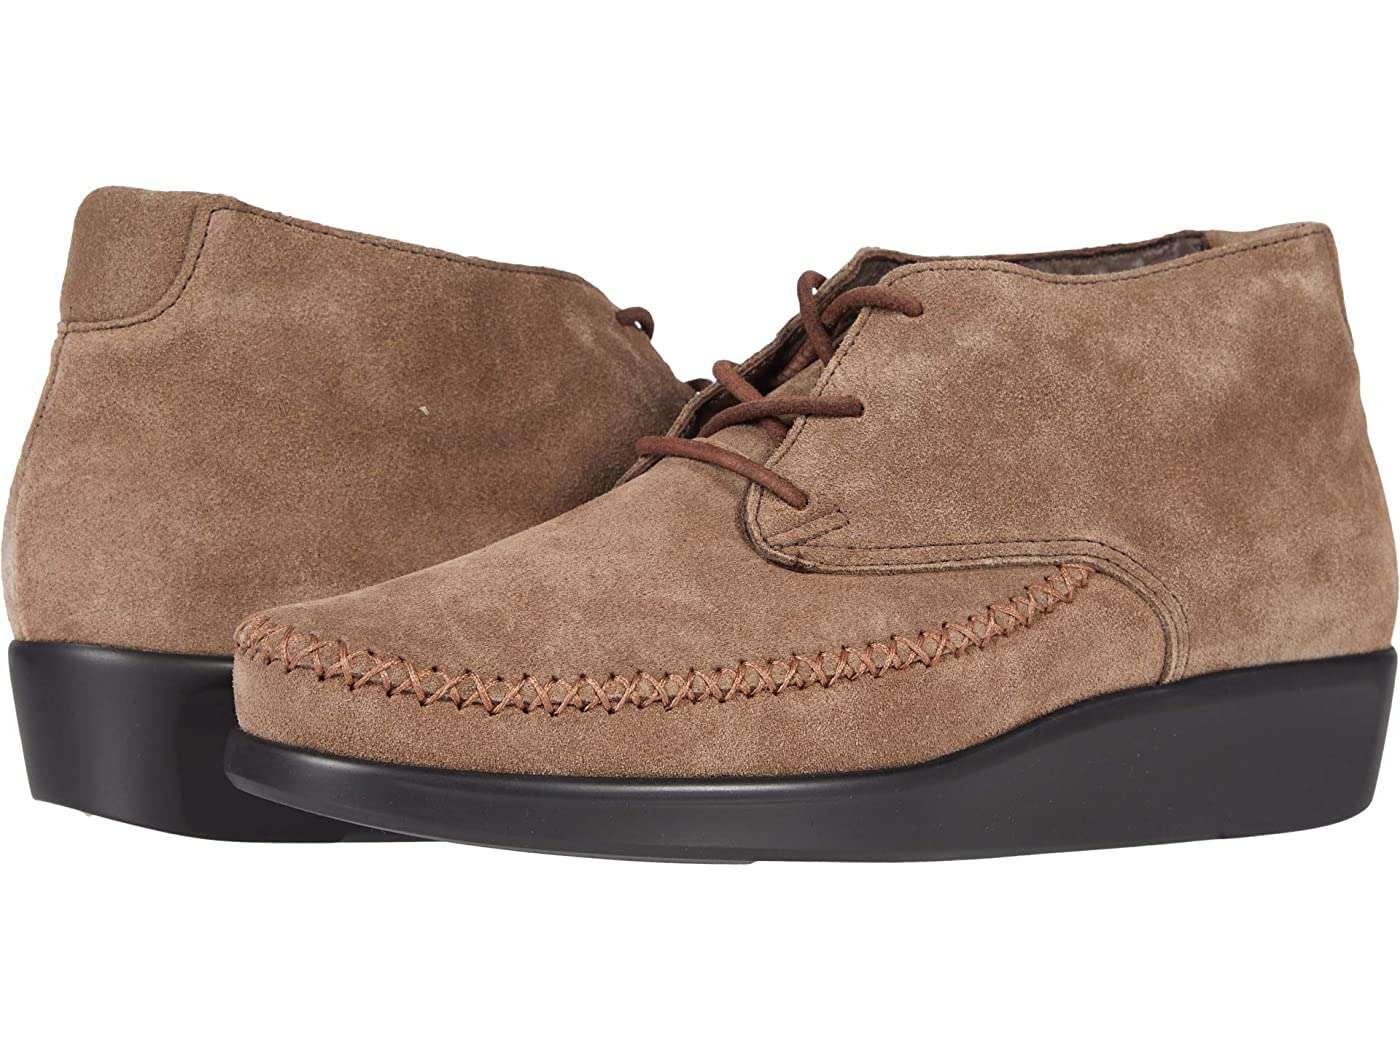 SAS Kich Ankle Boots